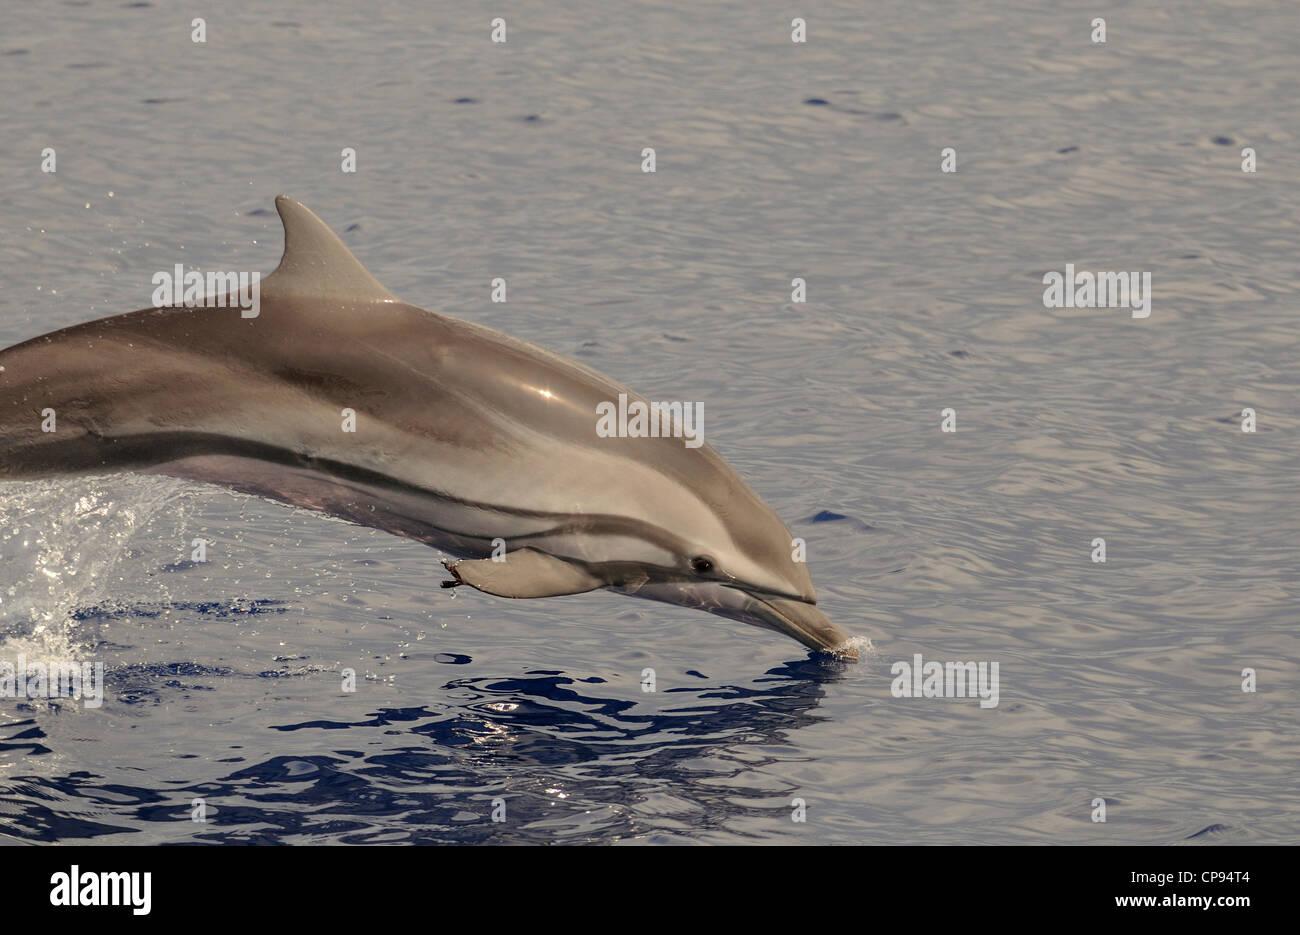 Striped Dolphin (Stenella coeruleoalba) leaping, The Maldives - Stock Image